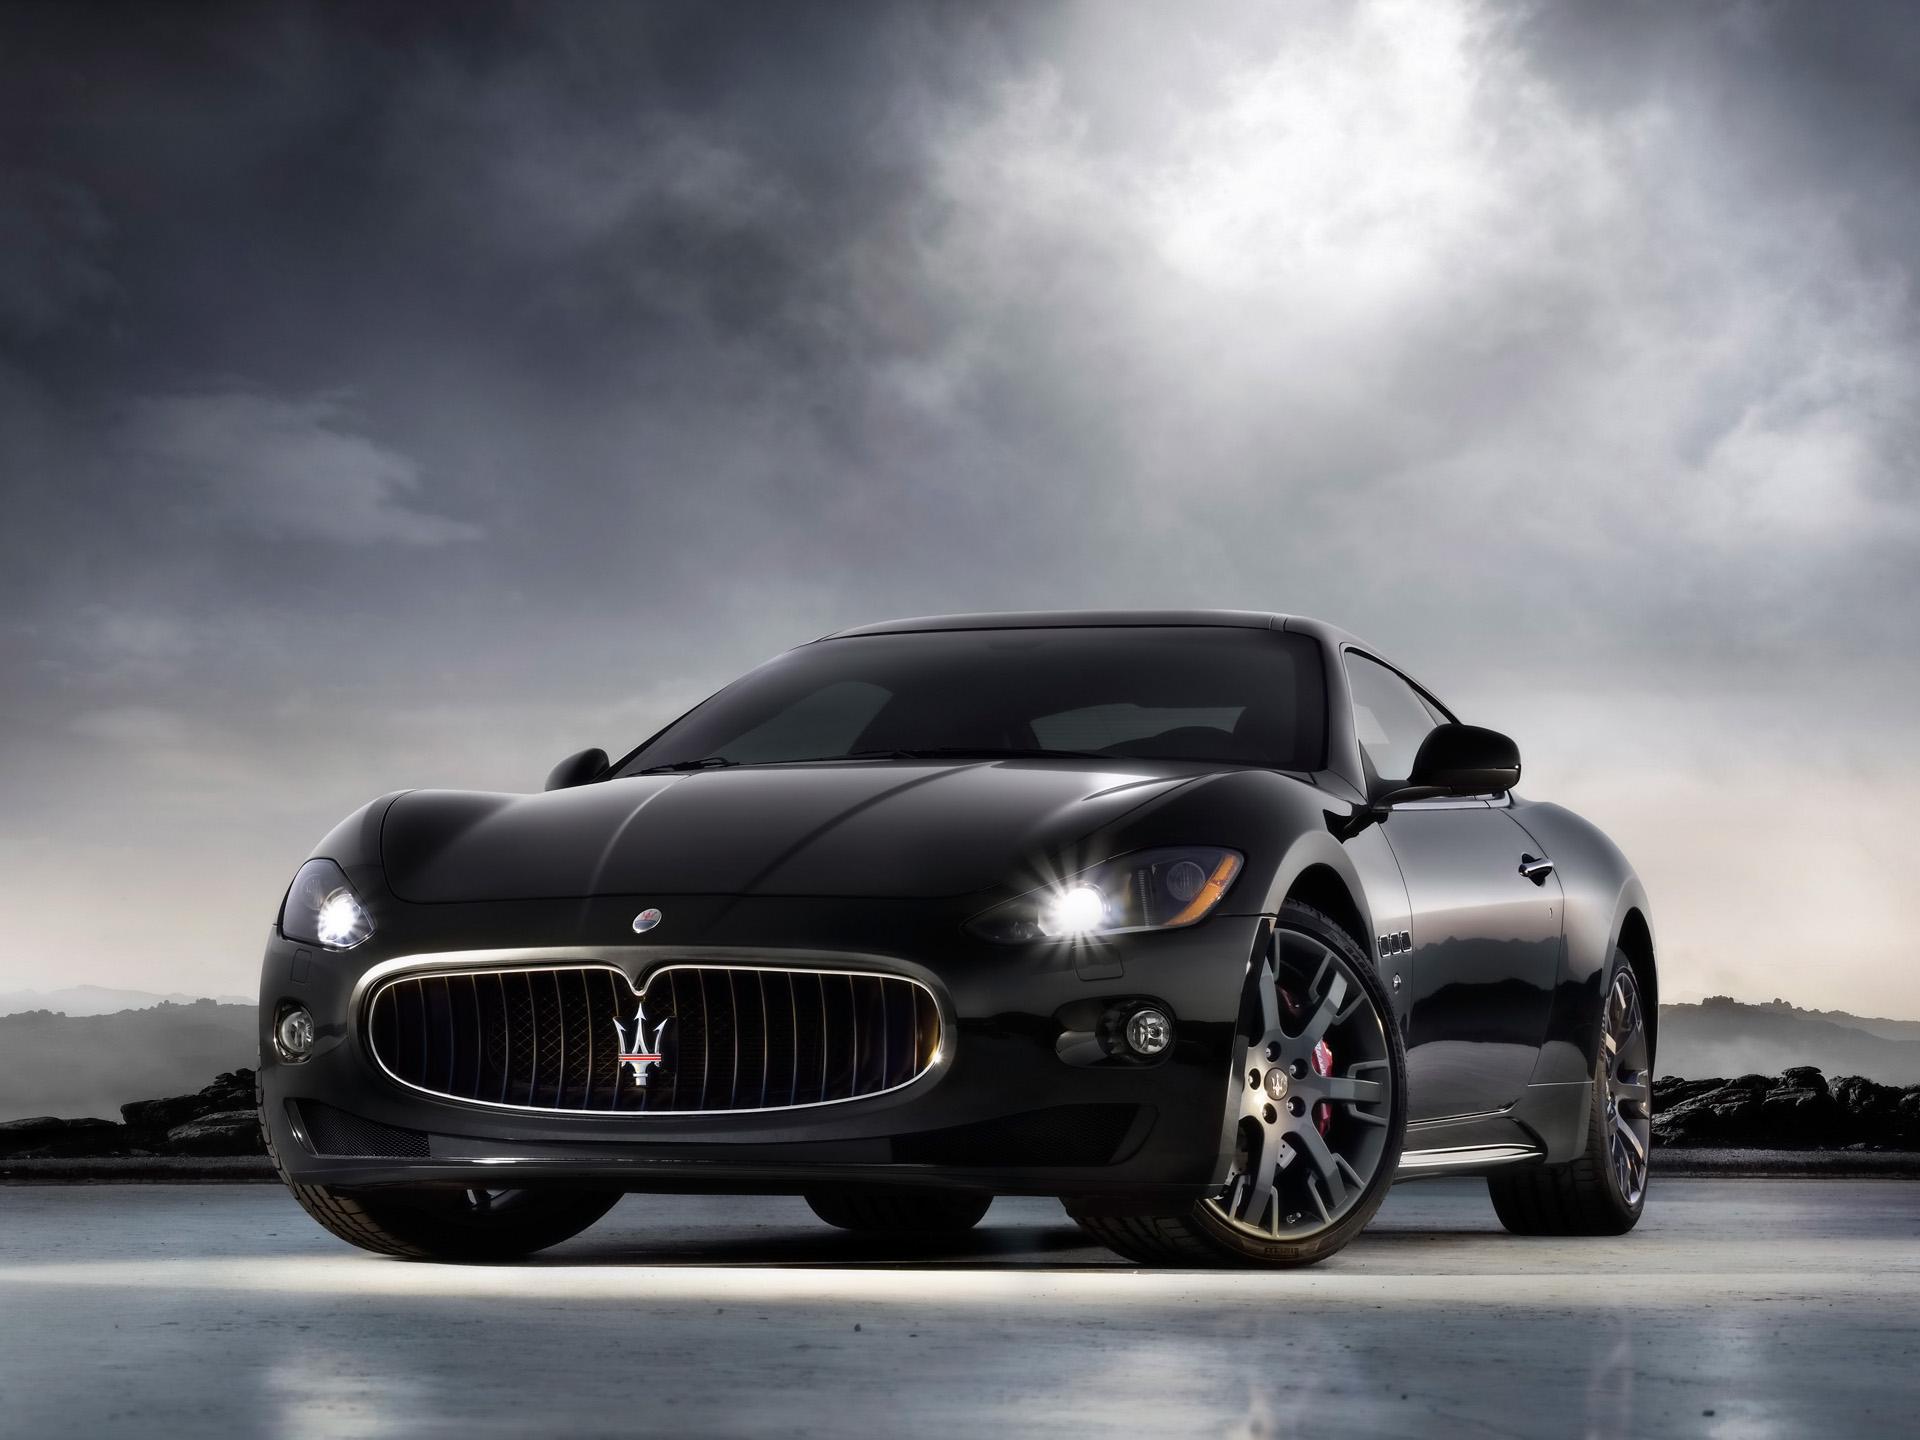 Maserati_Gran_Turismo_S,_2008